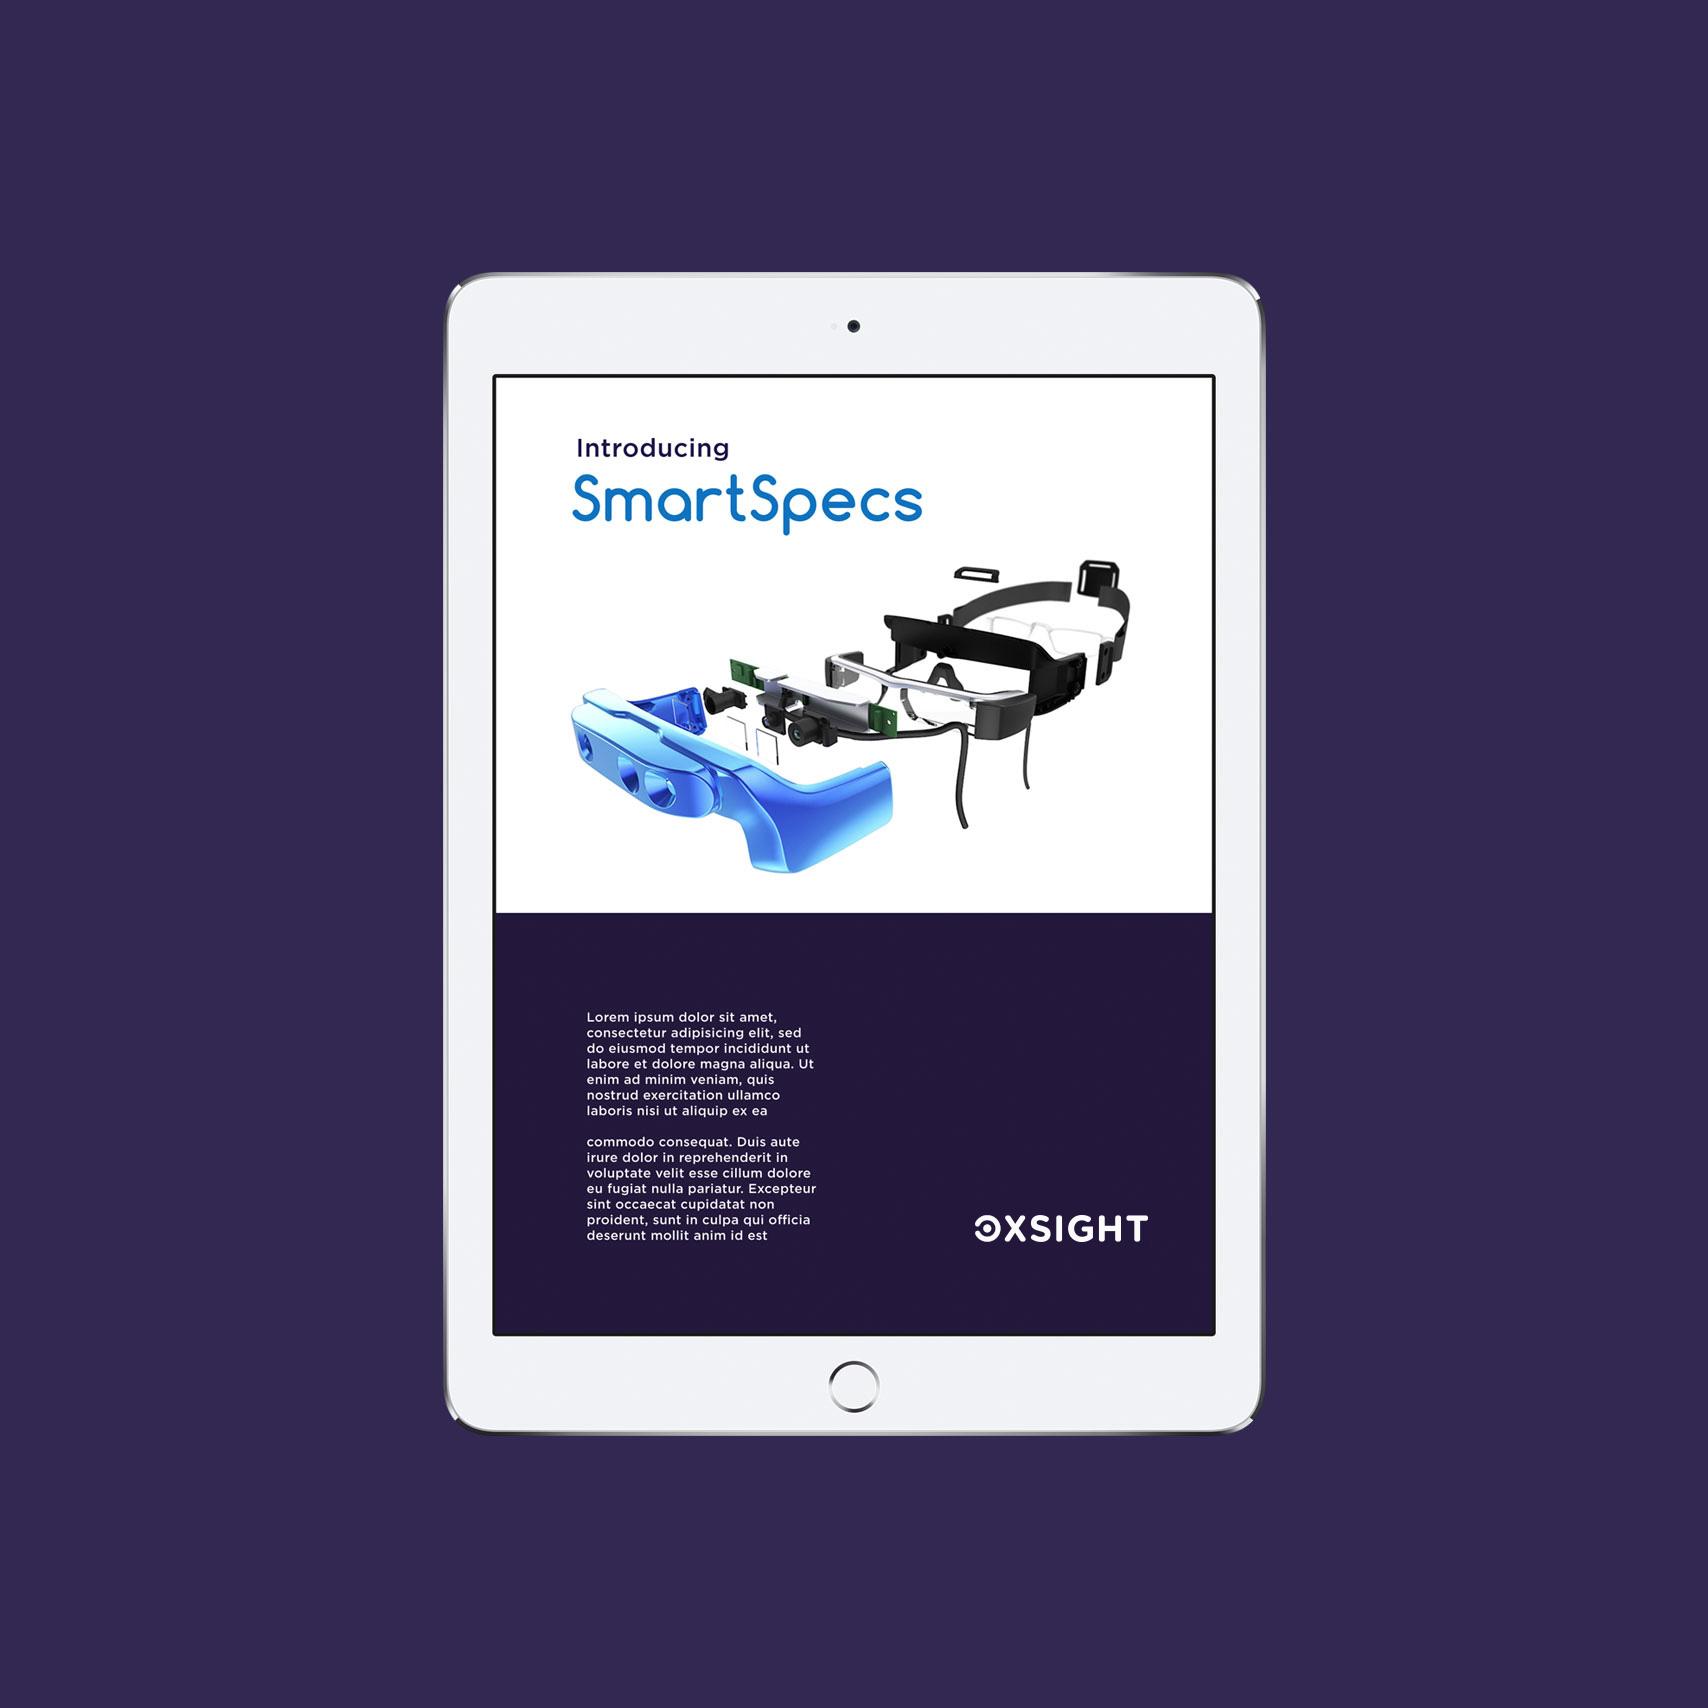 OXsight-iPad-3